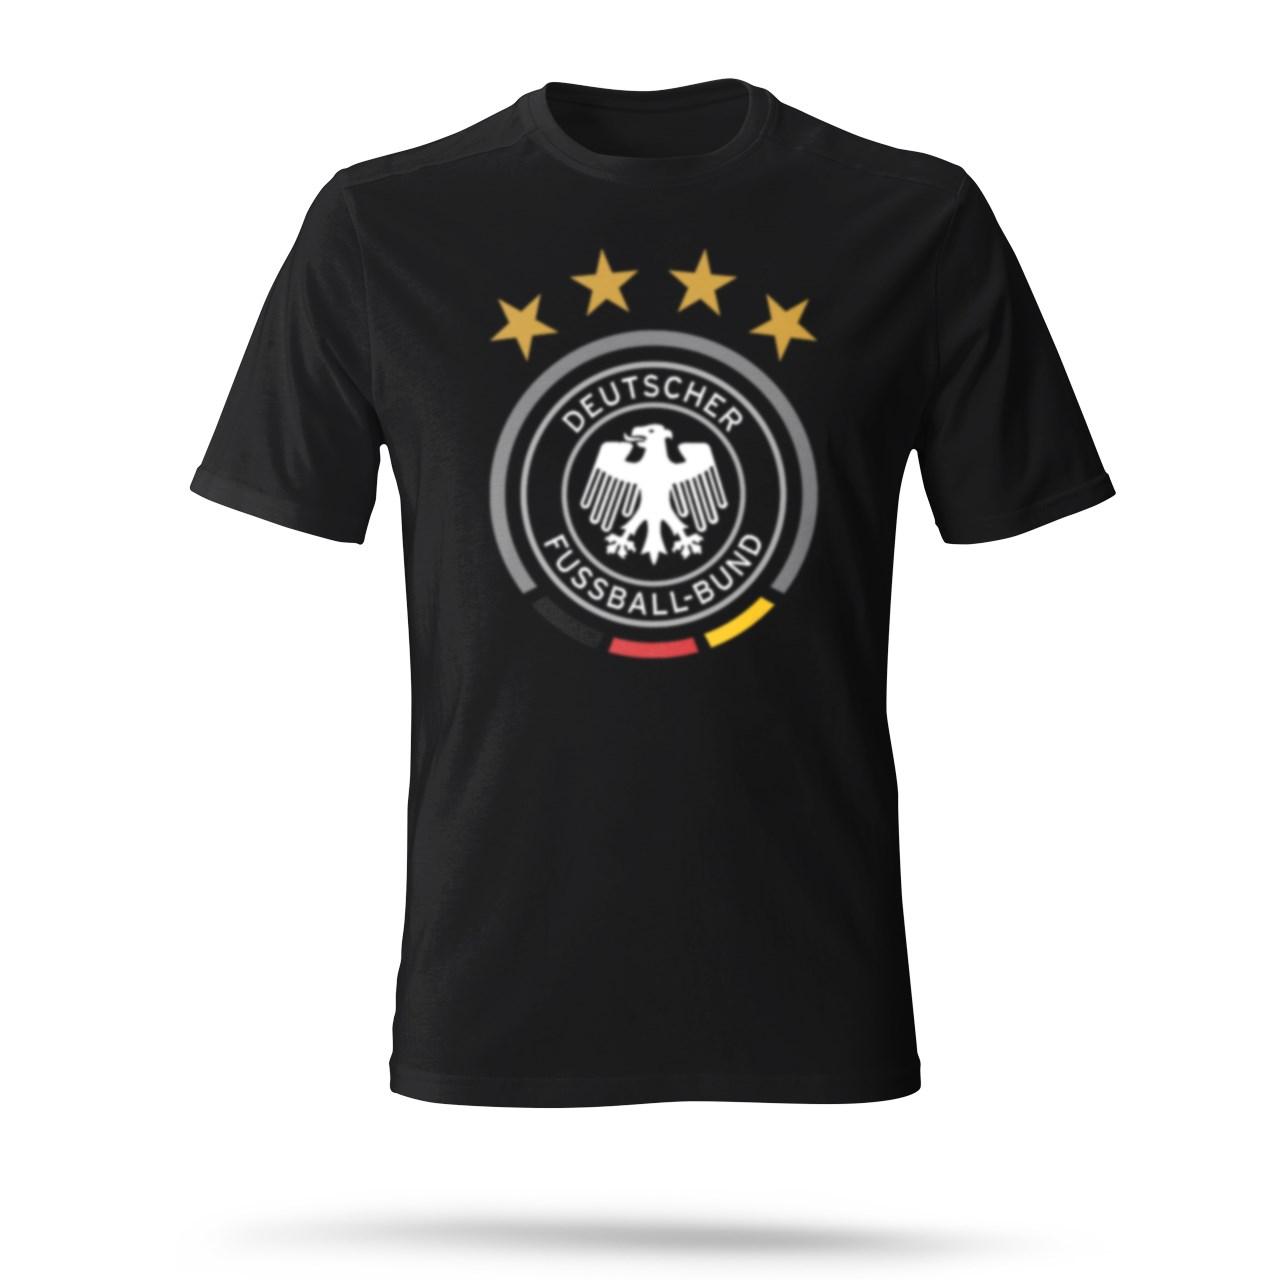 تی شرت مردانه طرح چهار ستاره رنگ مشکی